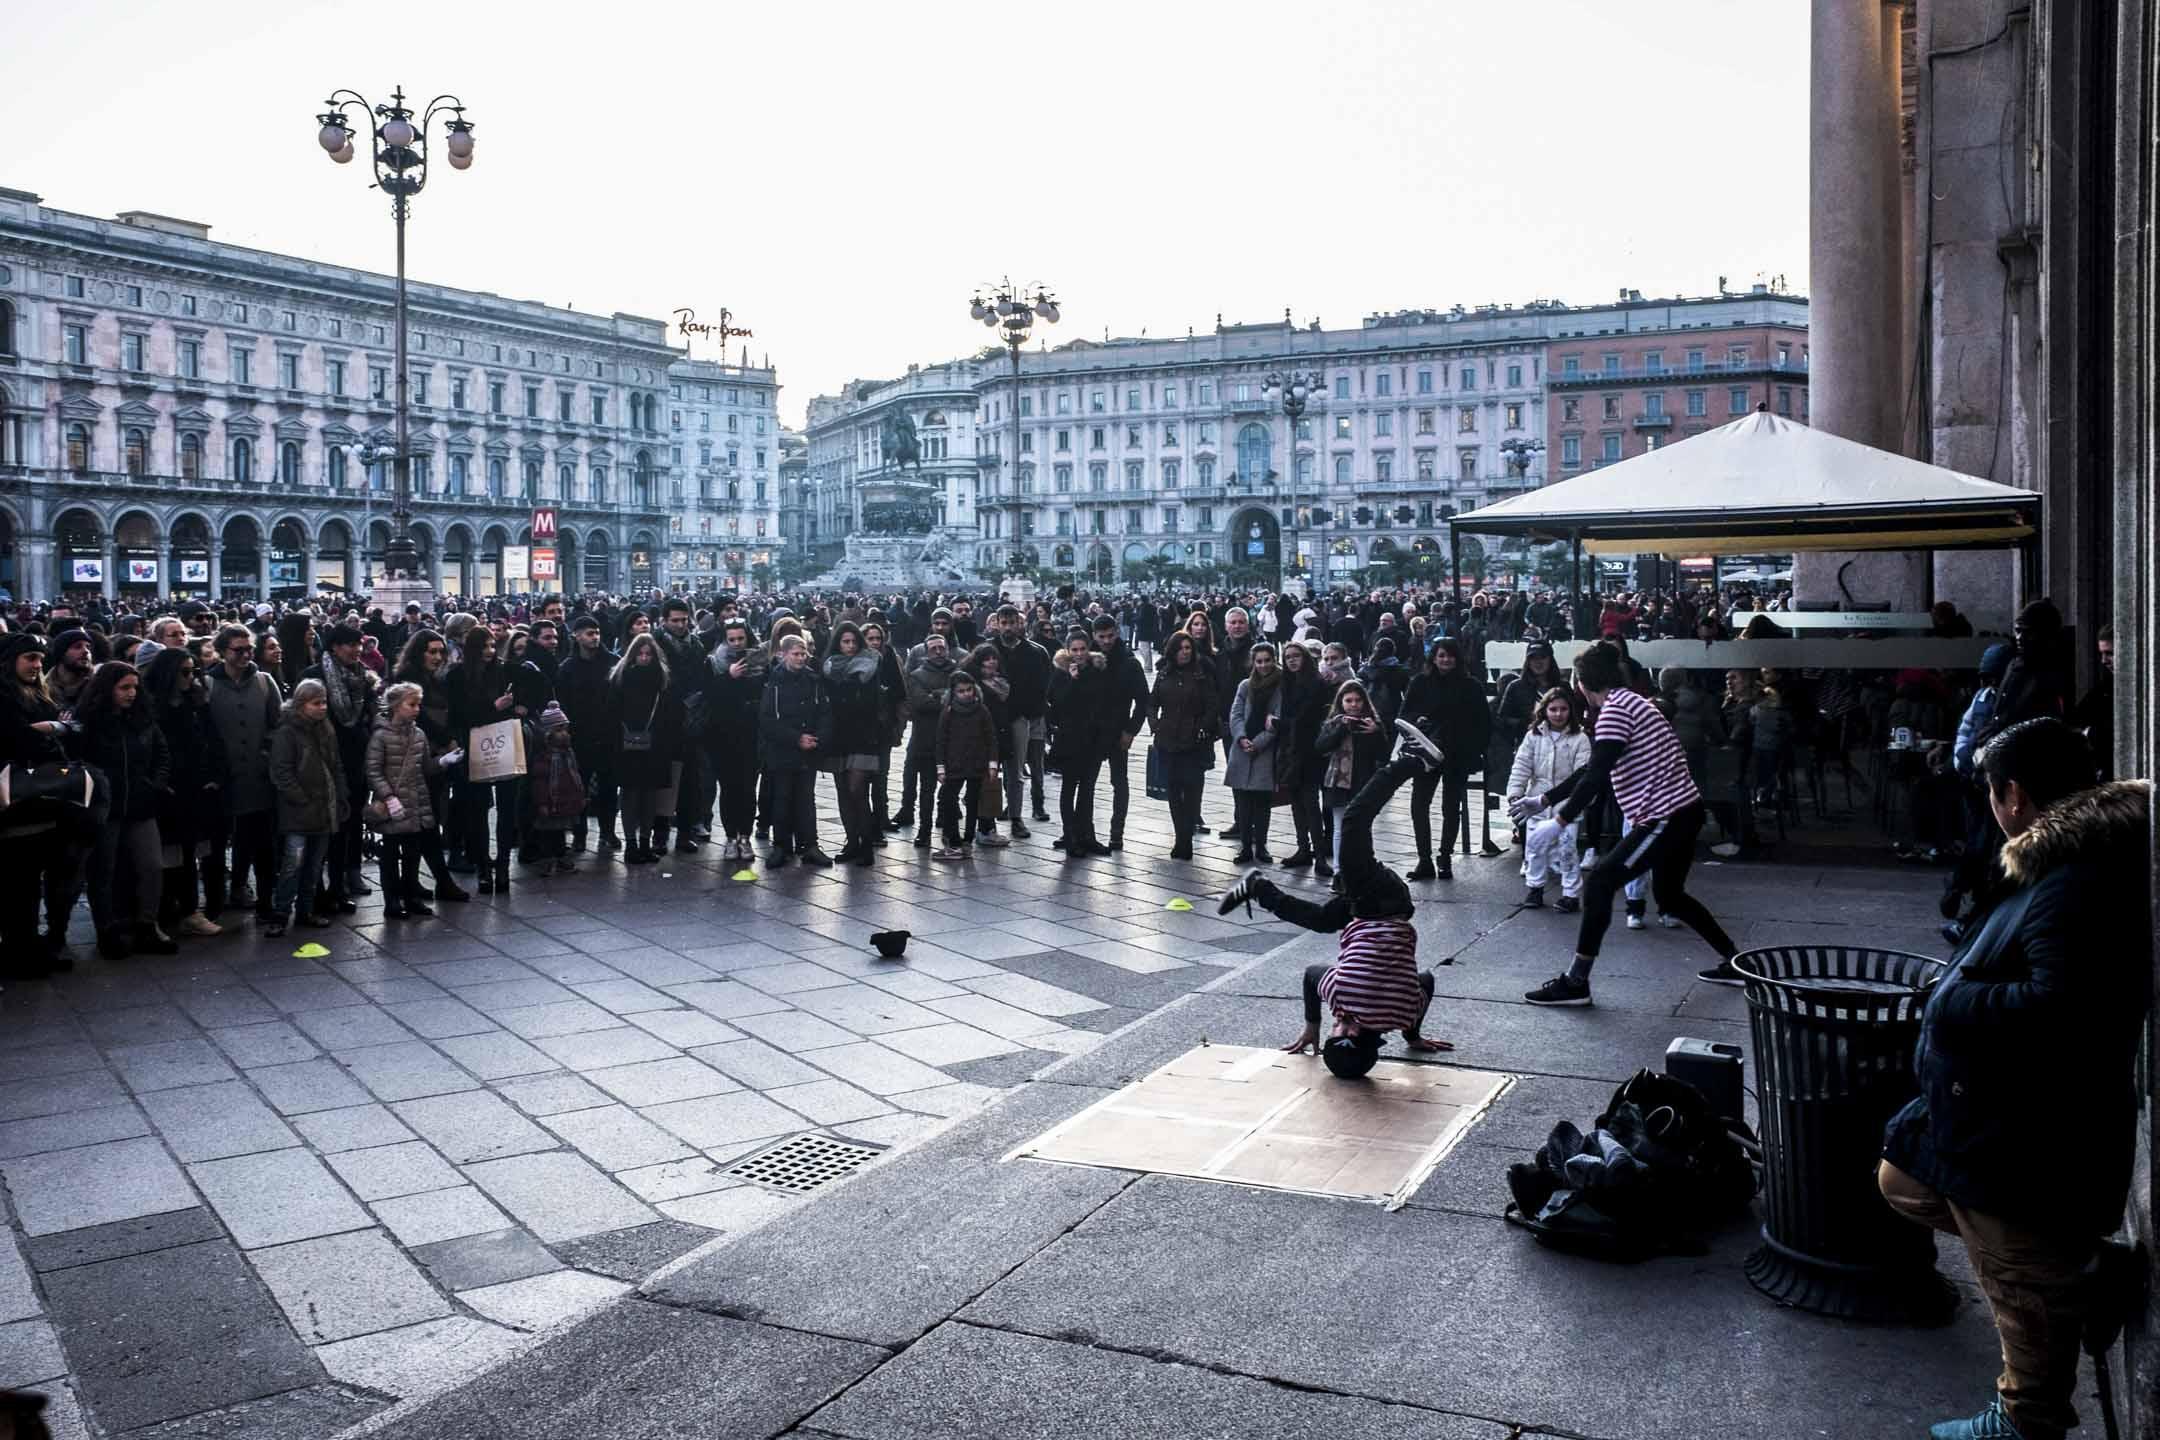 居高不下的年輕人失業率和人才流失是意大利無法避開的公共議題。2014年,意大利年輕人的失業率達到43.6%之高。儘管隨後幾年,就業情況有所提升,但到2017年底失業率也僅跌至32.7%,是歐洲情況最壞的國家之一。 攝:Mairo Cinquetti/NurPhoto via Getty Images